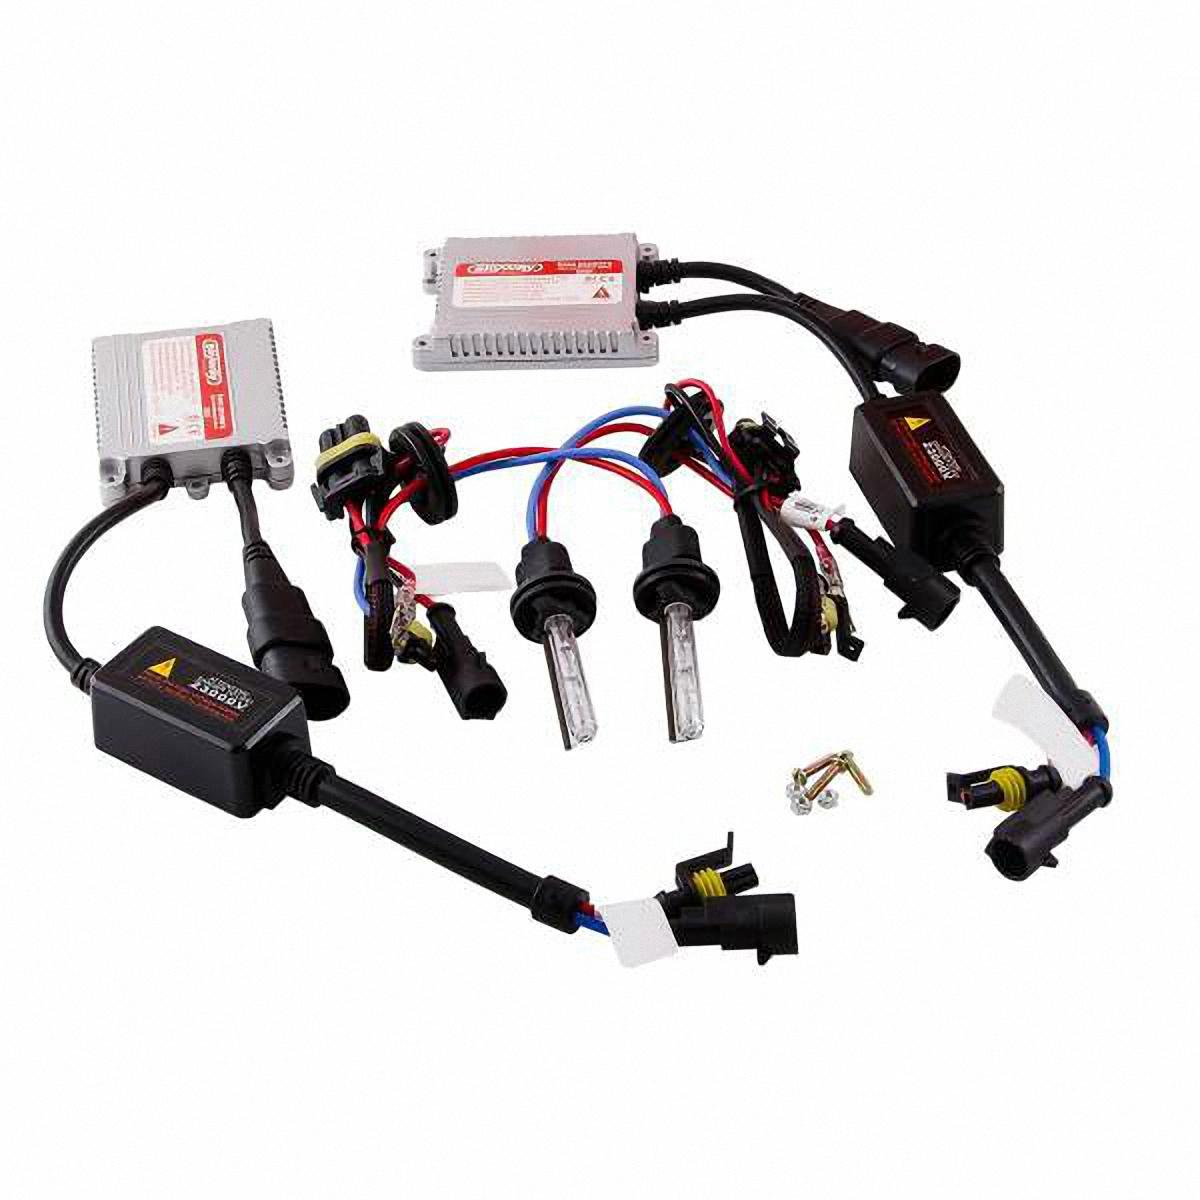 Лампа автомобильная Skyway, биксенон, цоколь H4, 35 Вт, 12 В, 2 шт. SH4 H/L 6000K D13 12V35WSH4 H/L 6000K D13 12V35WДанная биксеноновая лампа под цоколь H4 применяется в автомобилях со световой системой, в которой в одной лампе совмещены ближний и дальний свет (в одной лампе 2 спирали). Автолампа биксенон SKYWAY устойчива к тряскам, имеет продолжительный срок эксплуатации. За счет лучшего освещения дорожной разметки и дорожных знаков, вы будете чувствовать себя уверенно в плохих погодных условиях и в темное время суток. А мягкий бело-желтый свет лампы не ослепляет водителей встречного потока автомобилей. Особенности: Защита от короткого замыкания, перенапряжения, низкого напряжения Комплект предназначен для установки в посадочные места галогеновых автомобильных ламп Упрощенная инсталляция на любой автомобиль без замены штатной проводки Колба лампы изготовлена из кварцевого стекла Водонепроницаемый корпус Короткое время розжига Характеристики: Цветовая температура: 6000К Цоколь: Н4 Мощность: 35 Вт ...